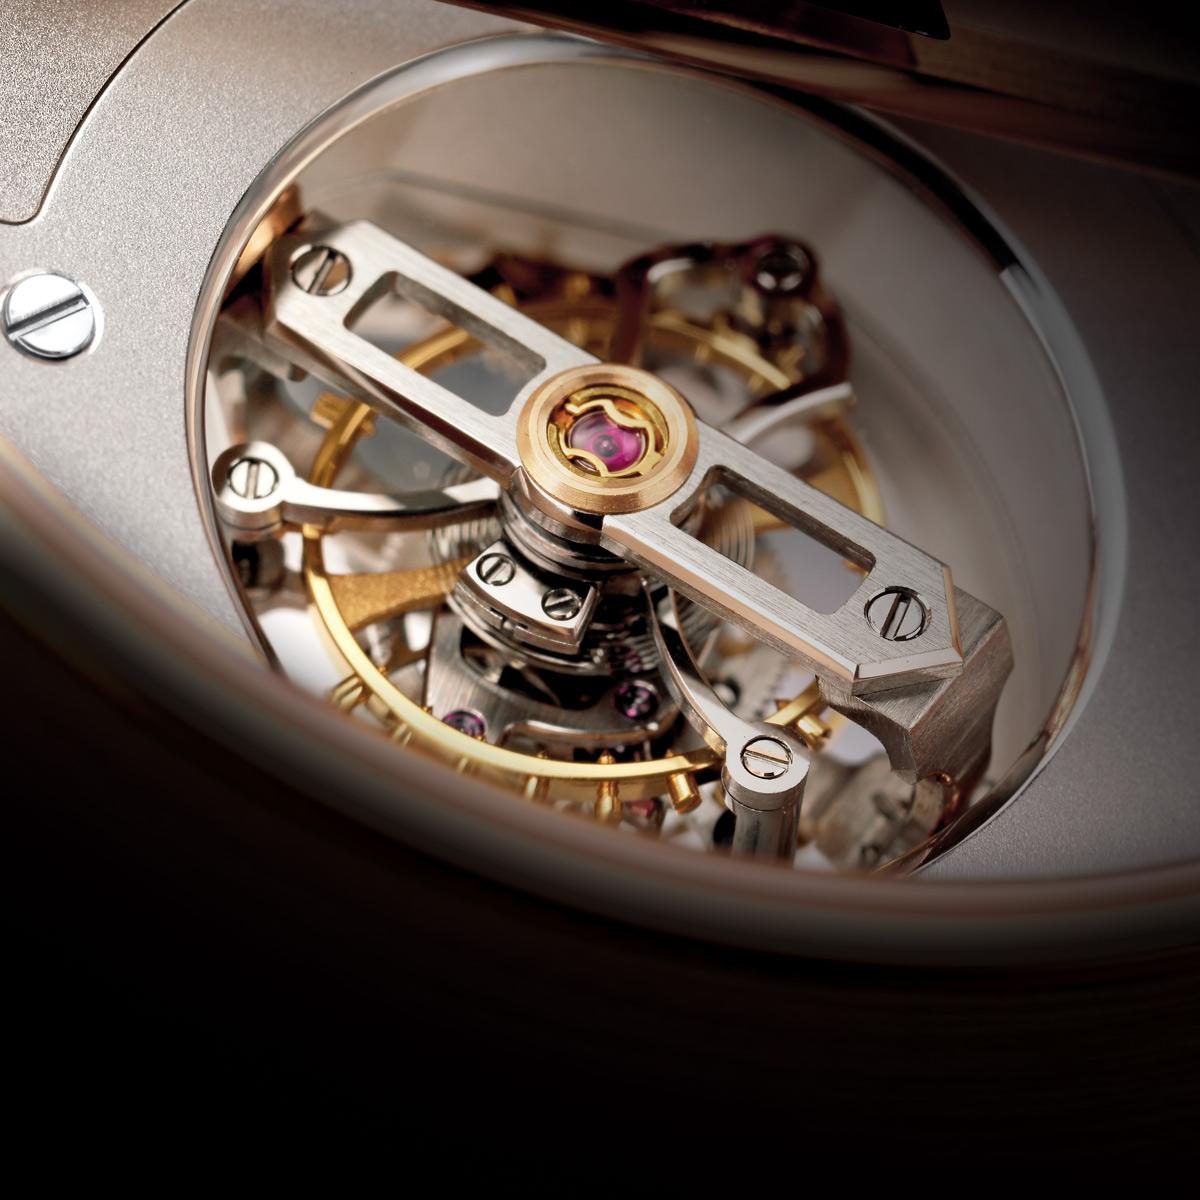 The Watch Quote: Photo - Girard-Perregaux Bi-axial Tourbillon white gold